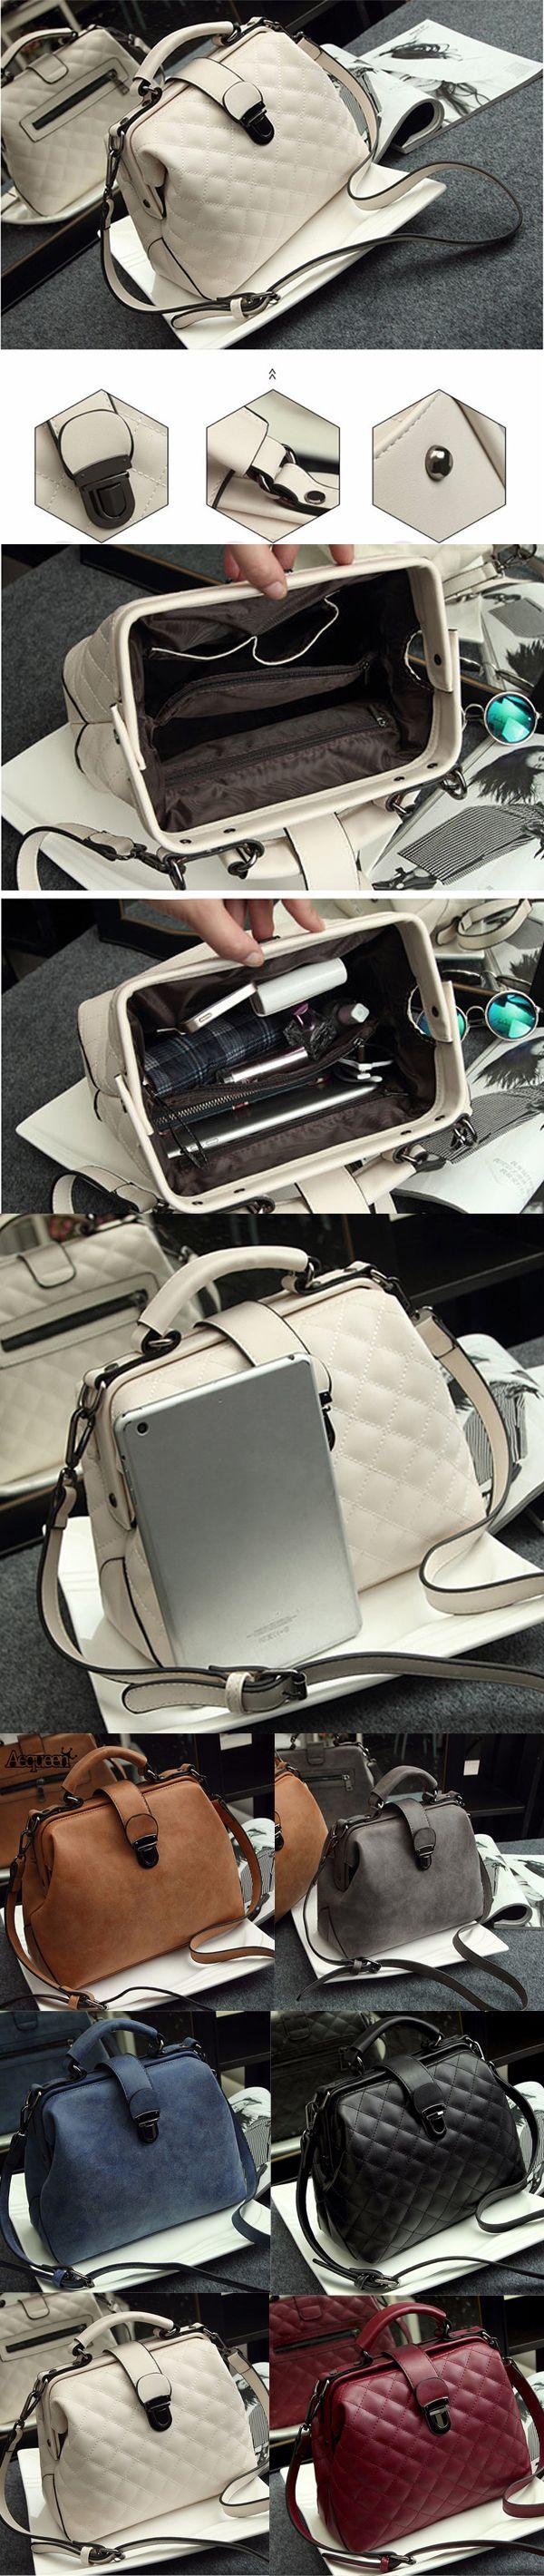 [$ 25.99]   Stylish Doctor Bag Vintage Shoulder Bag PU Leather Crossbody Bag Phone Bag